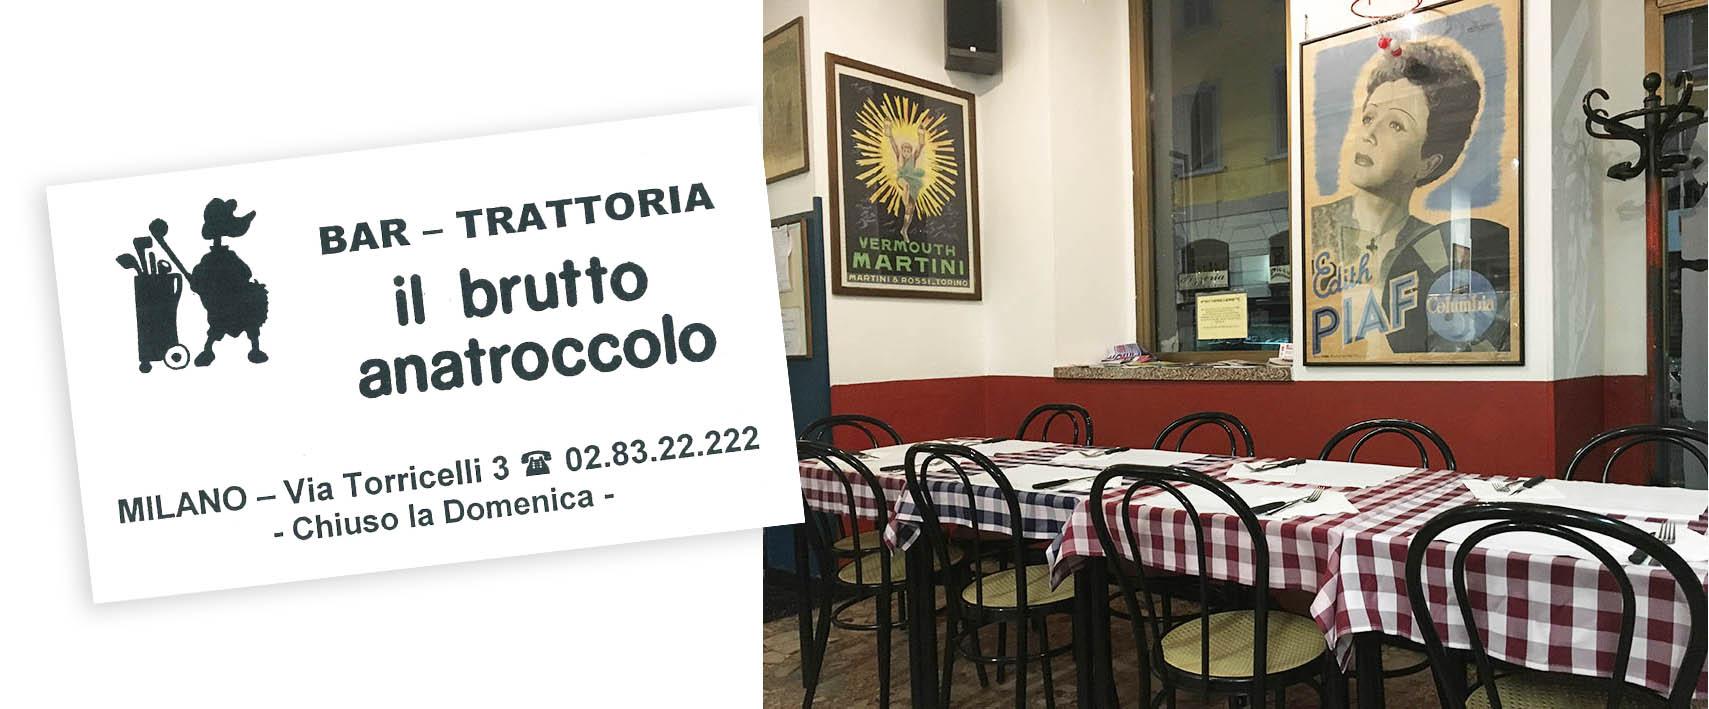 Il Brutto Anatrocollo, Milan | www.theflyingflour.com